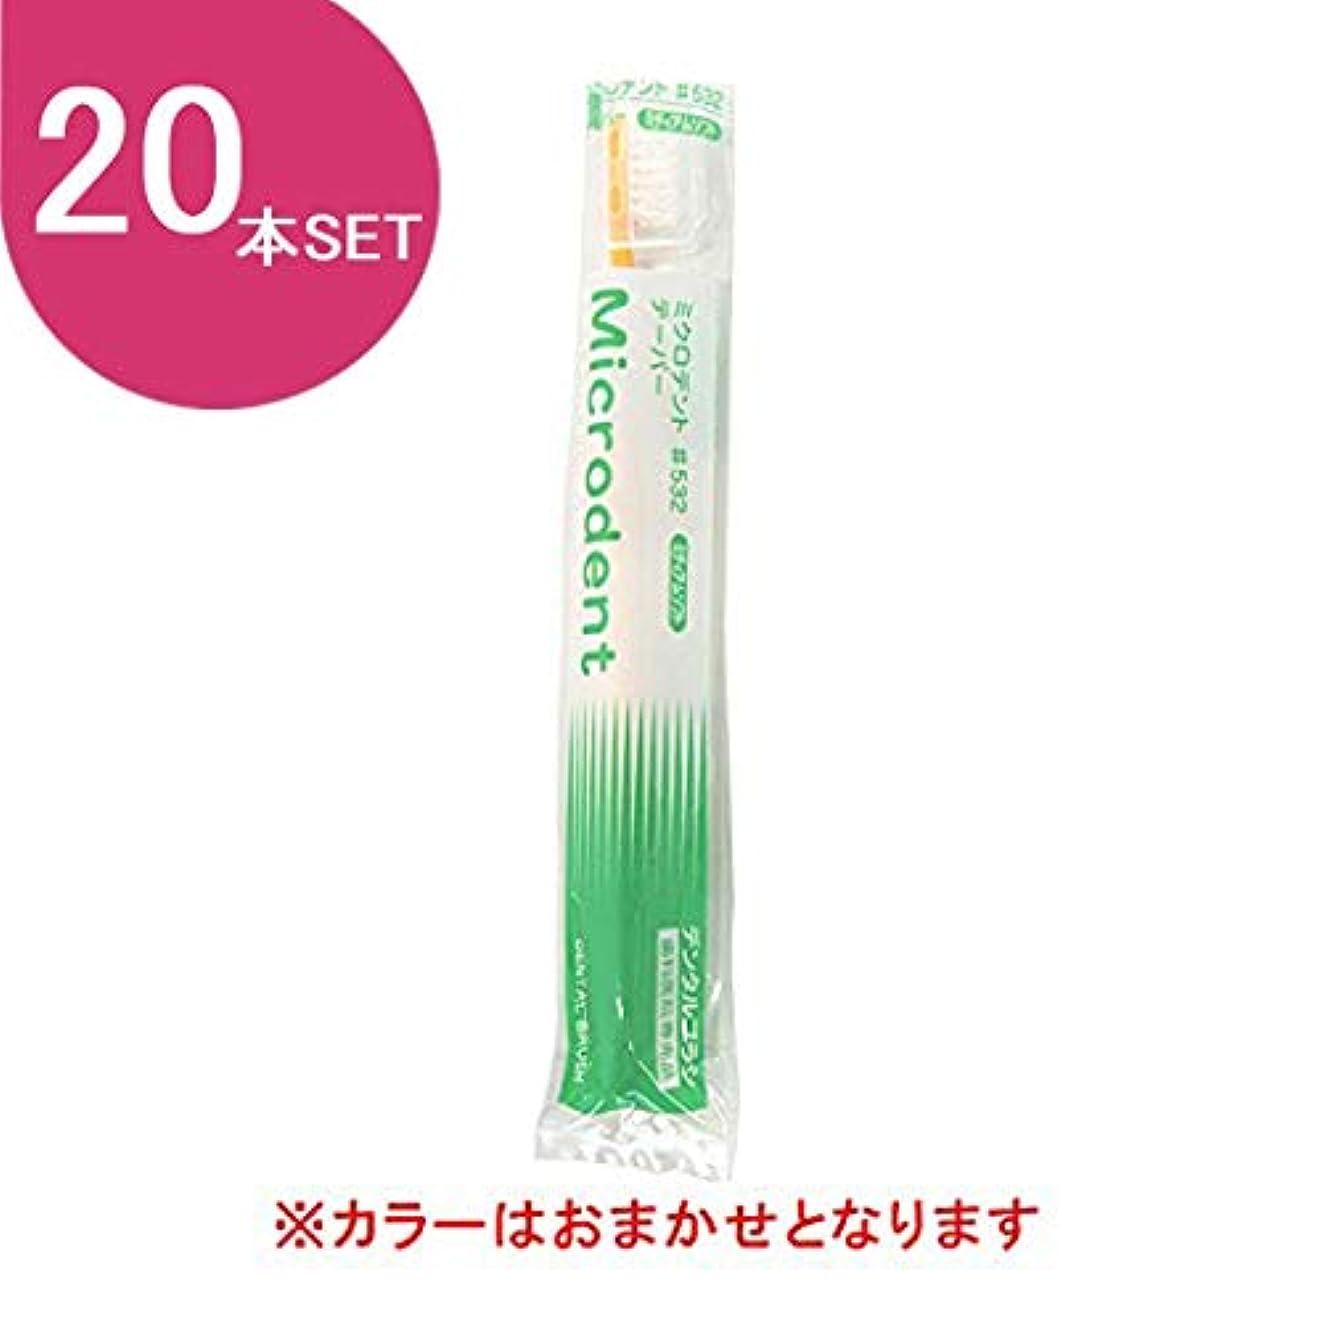 不透明な折メタルライン白水貿易 ミクロデント (Microdent) 20本 #532 (ミディアム)